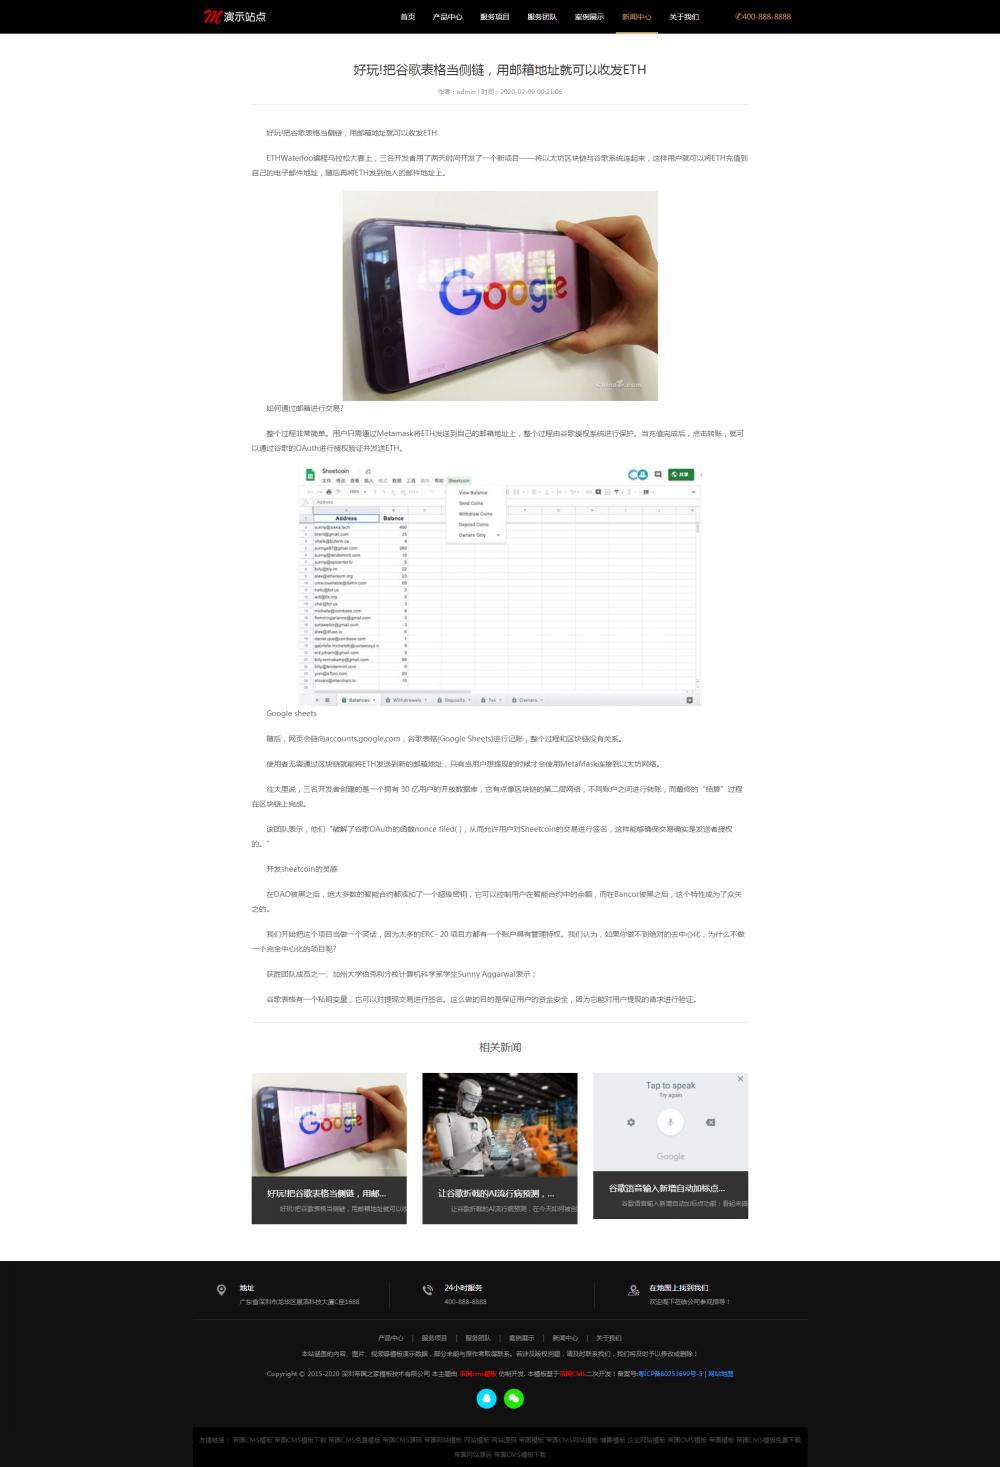 8新闻详情页.png [DG-0151]响应式公司产品展示帝国cms模板 企业产品展示销售帝国网站模板 企业模板 第8张